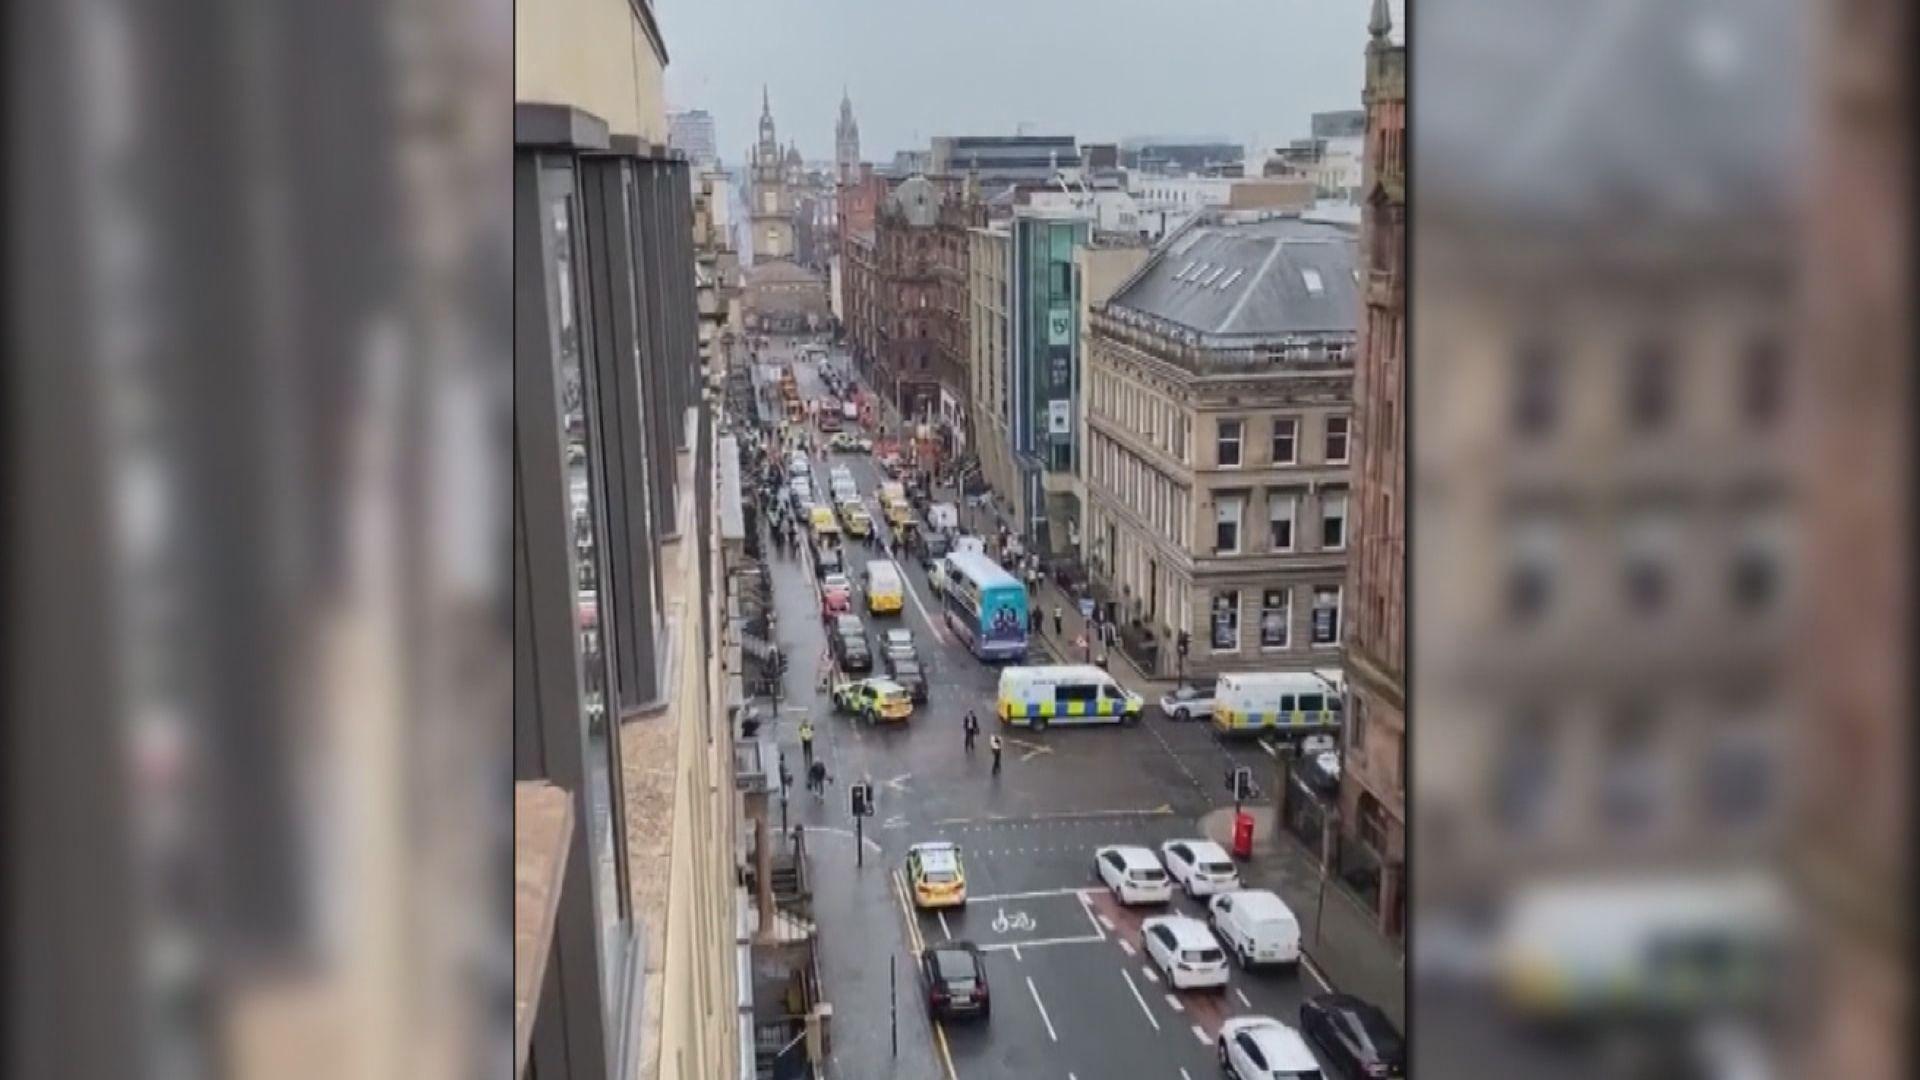 英國格拉斯哥酒店持刀襲擊六傷 疑犯被擊斃